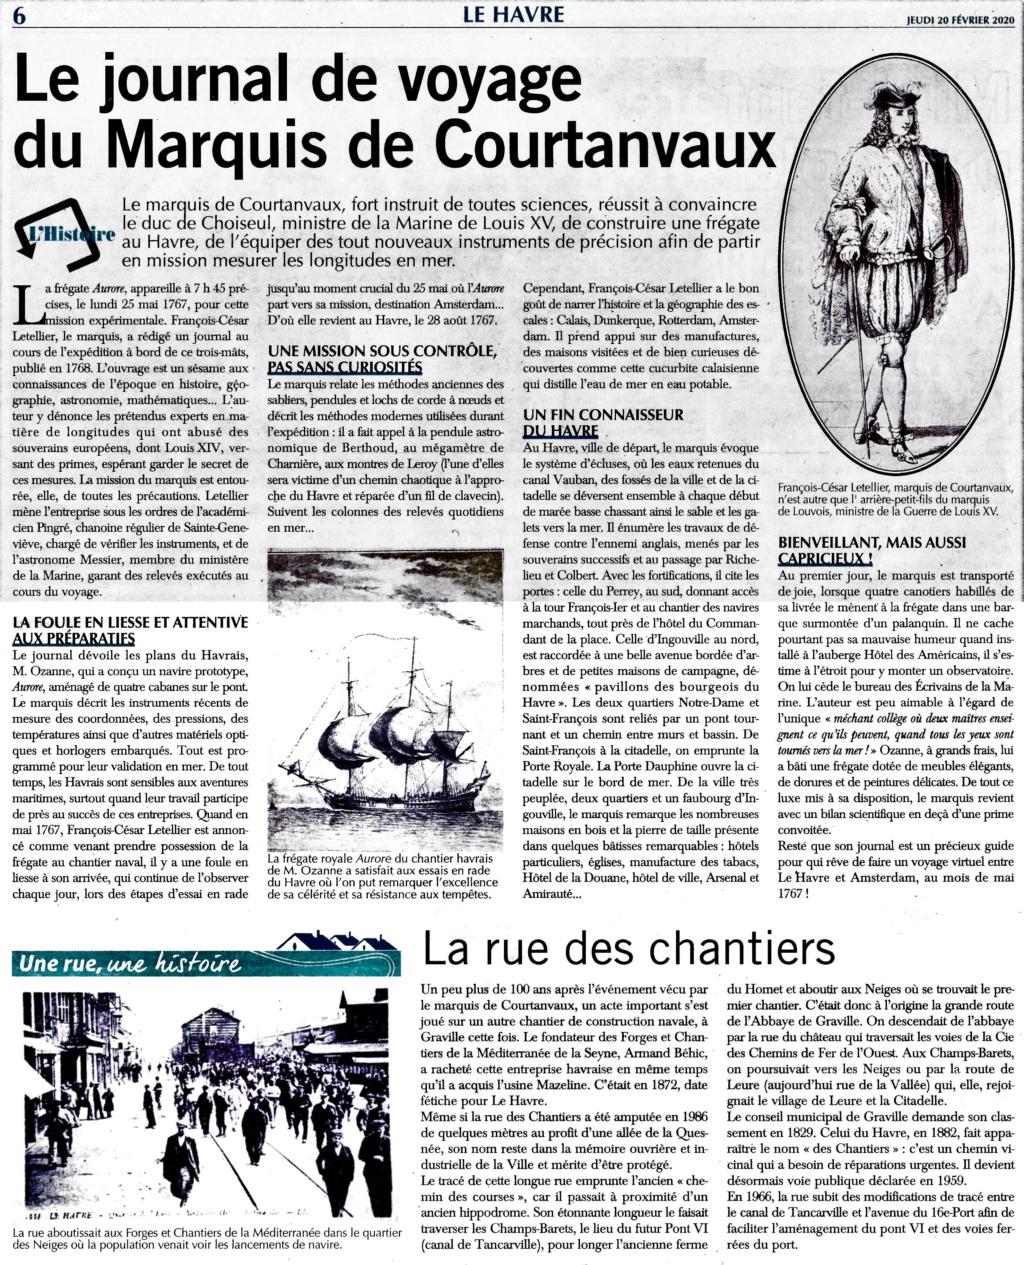 Le journal de voyage du marquis de Courtanvaux 2020-065